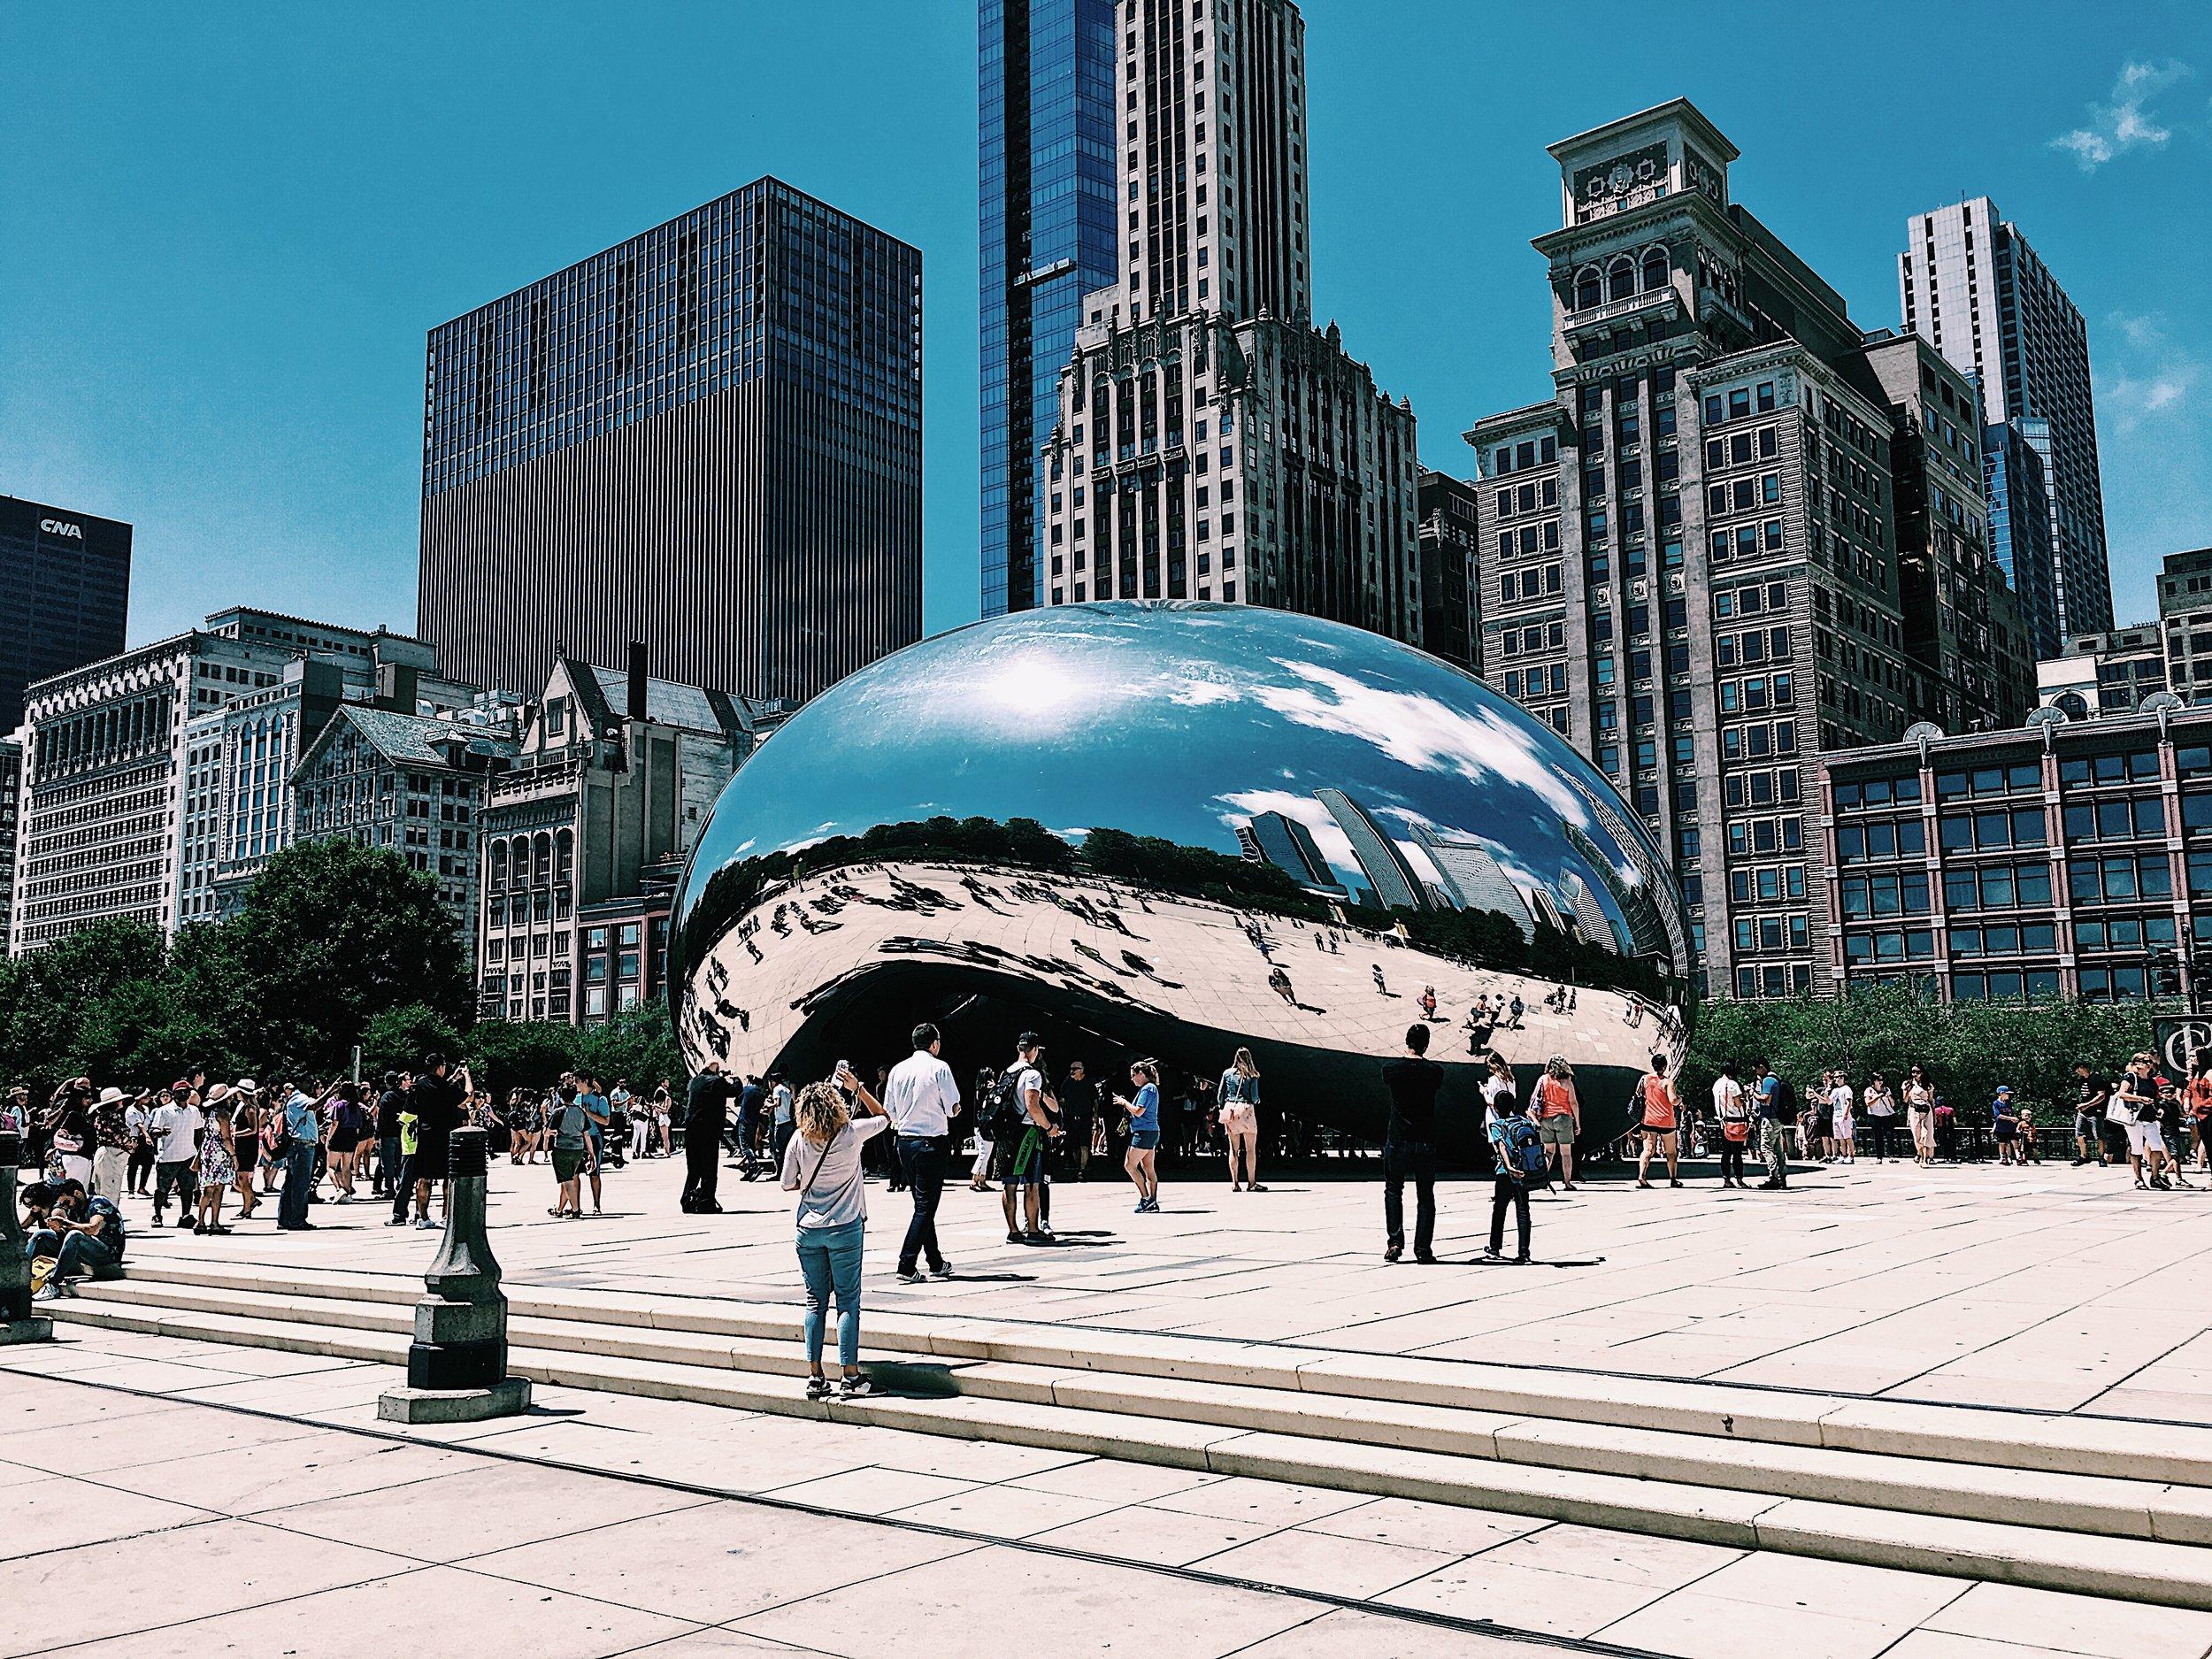 Millenium Park | Chicago, IL